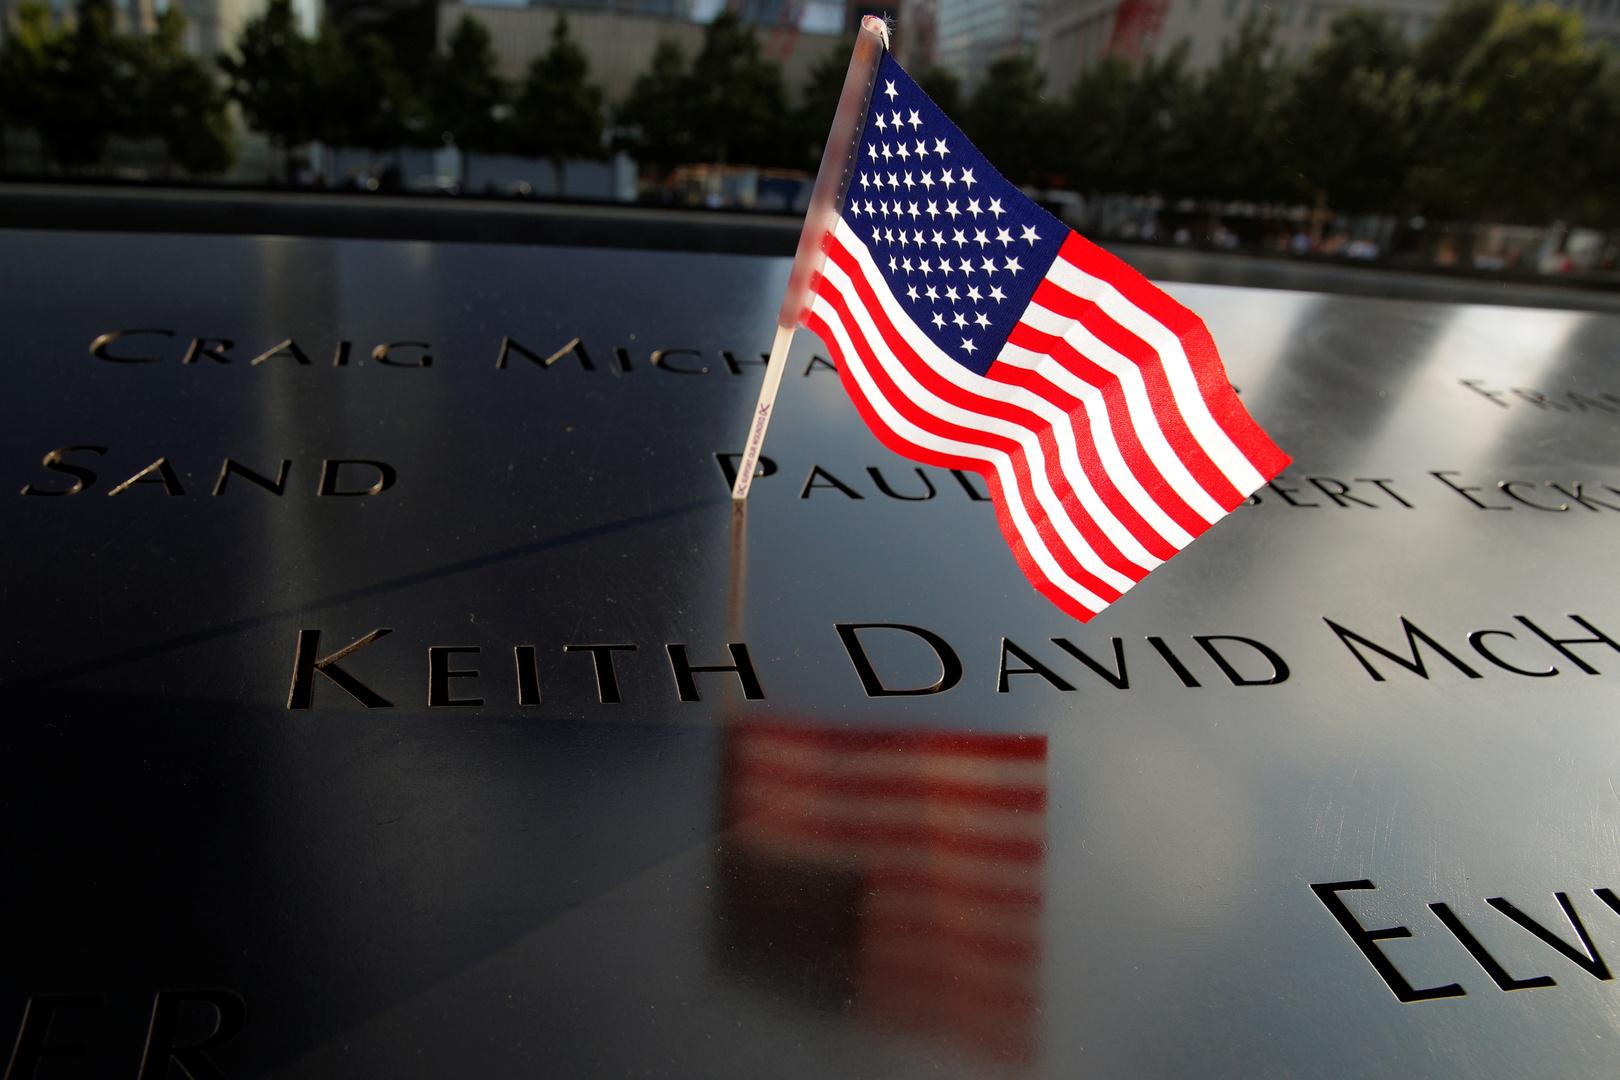 الولايات المتحدة.. اتهام كيني بالتخطيط لتنفيذ هجوم على غرار اعتداءات 11 سبتمبر